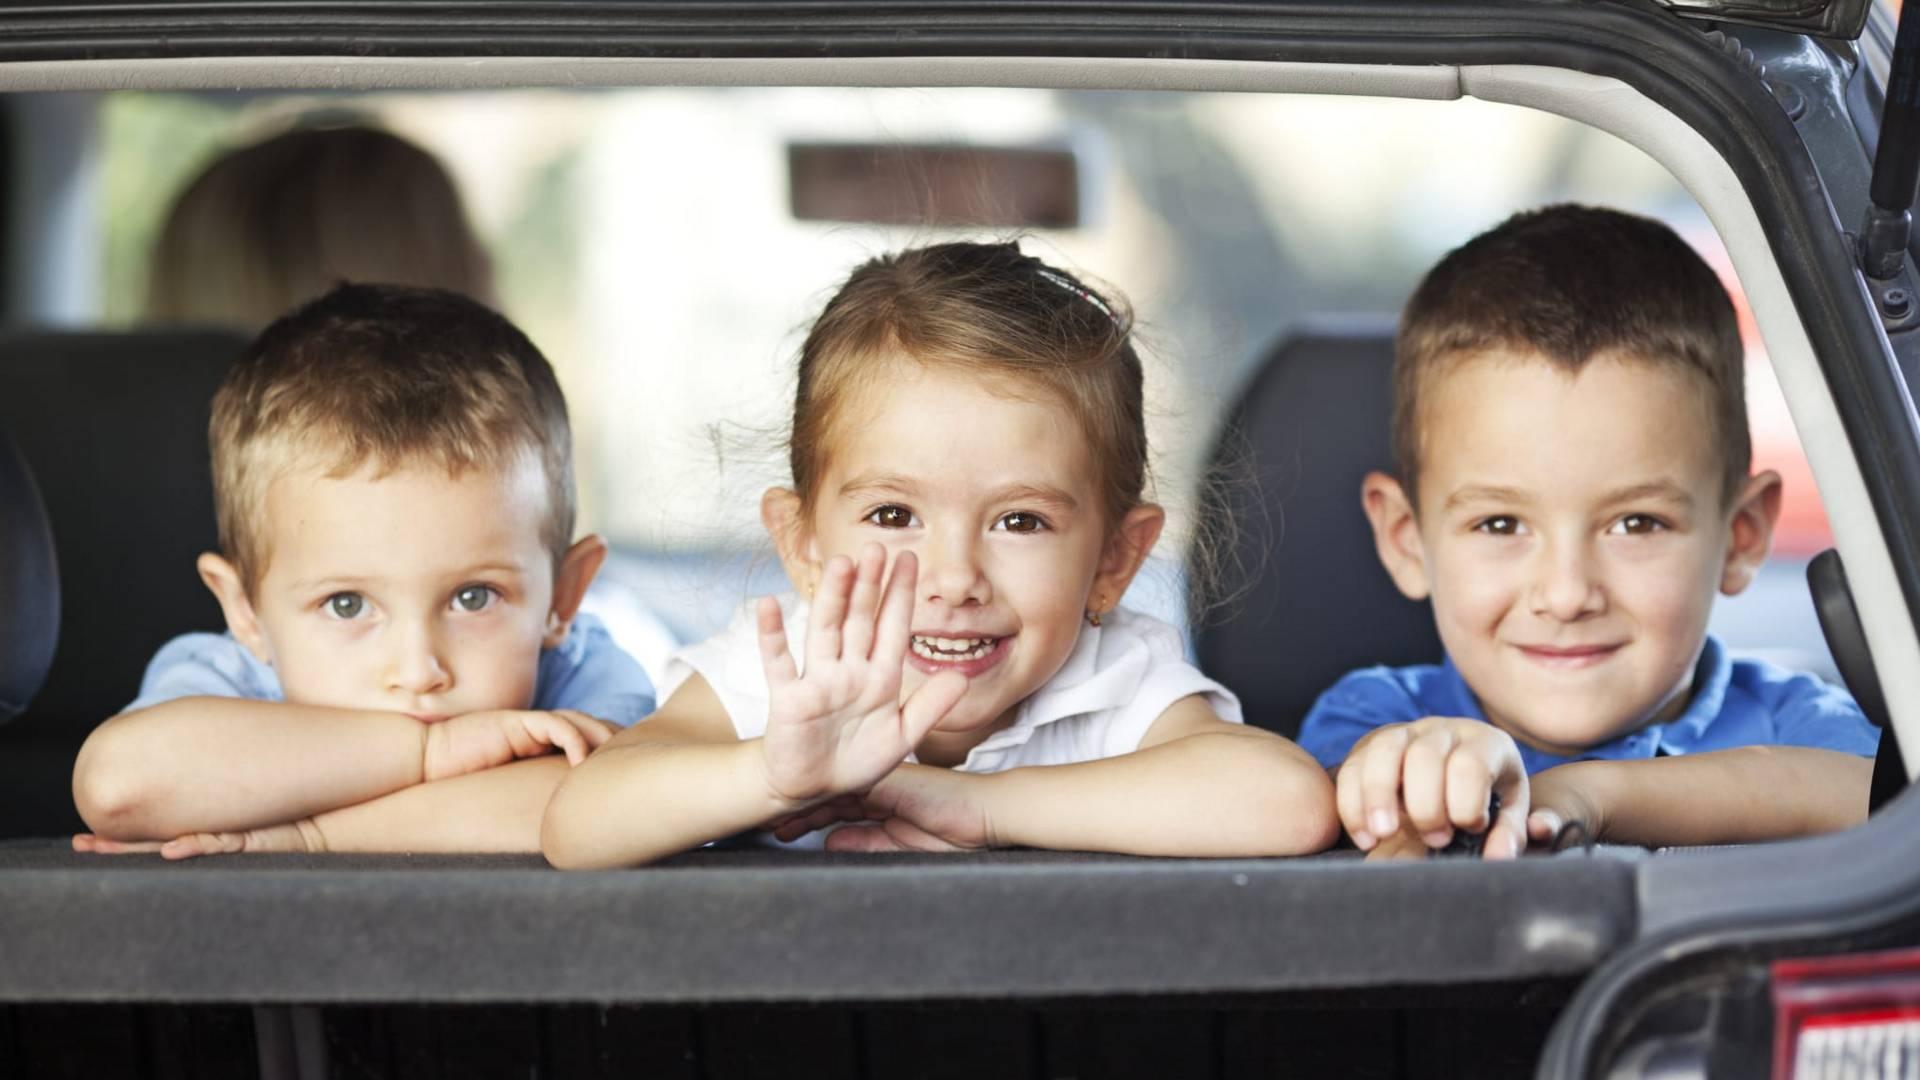 In viaggio con i bambini: 5 consigli utili